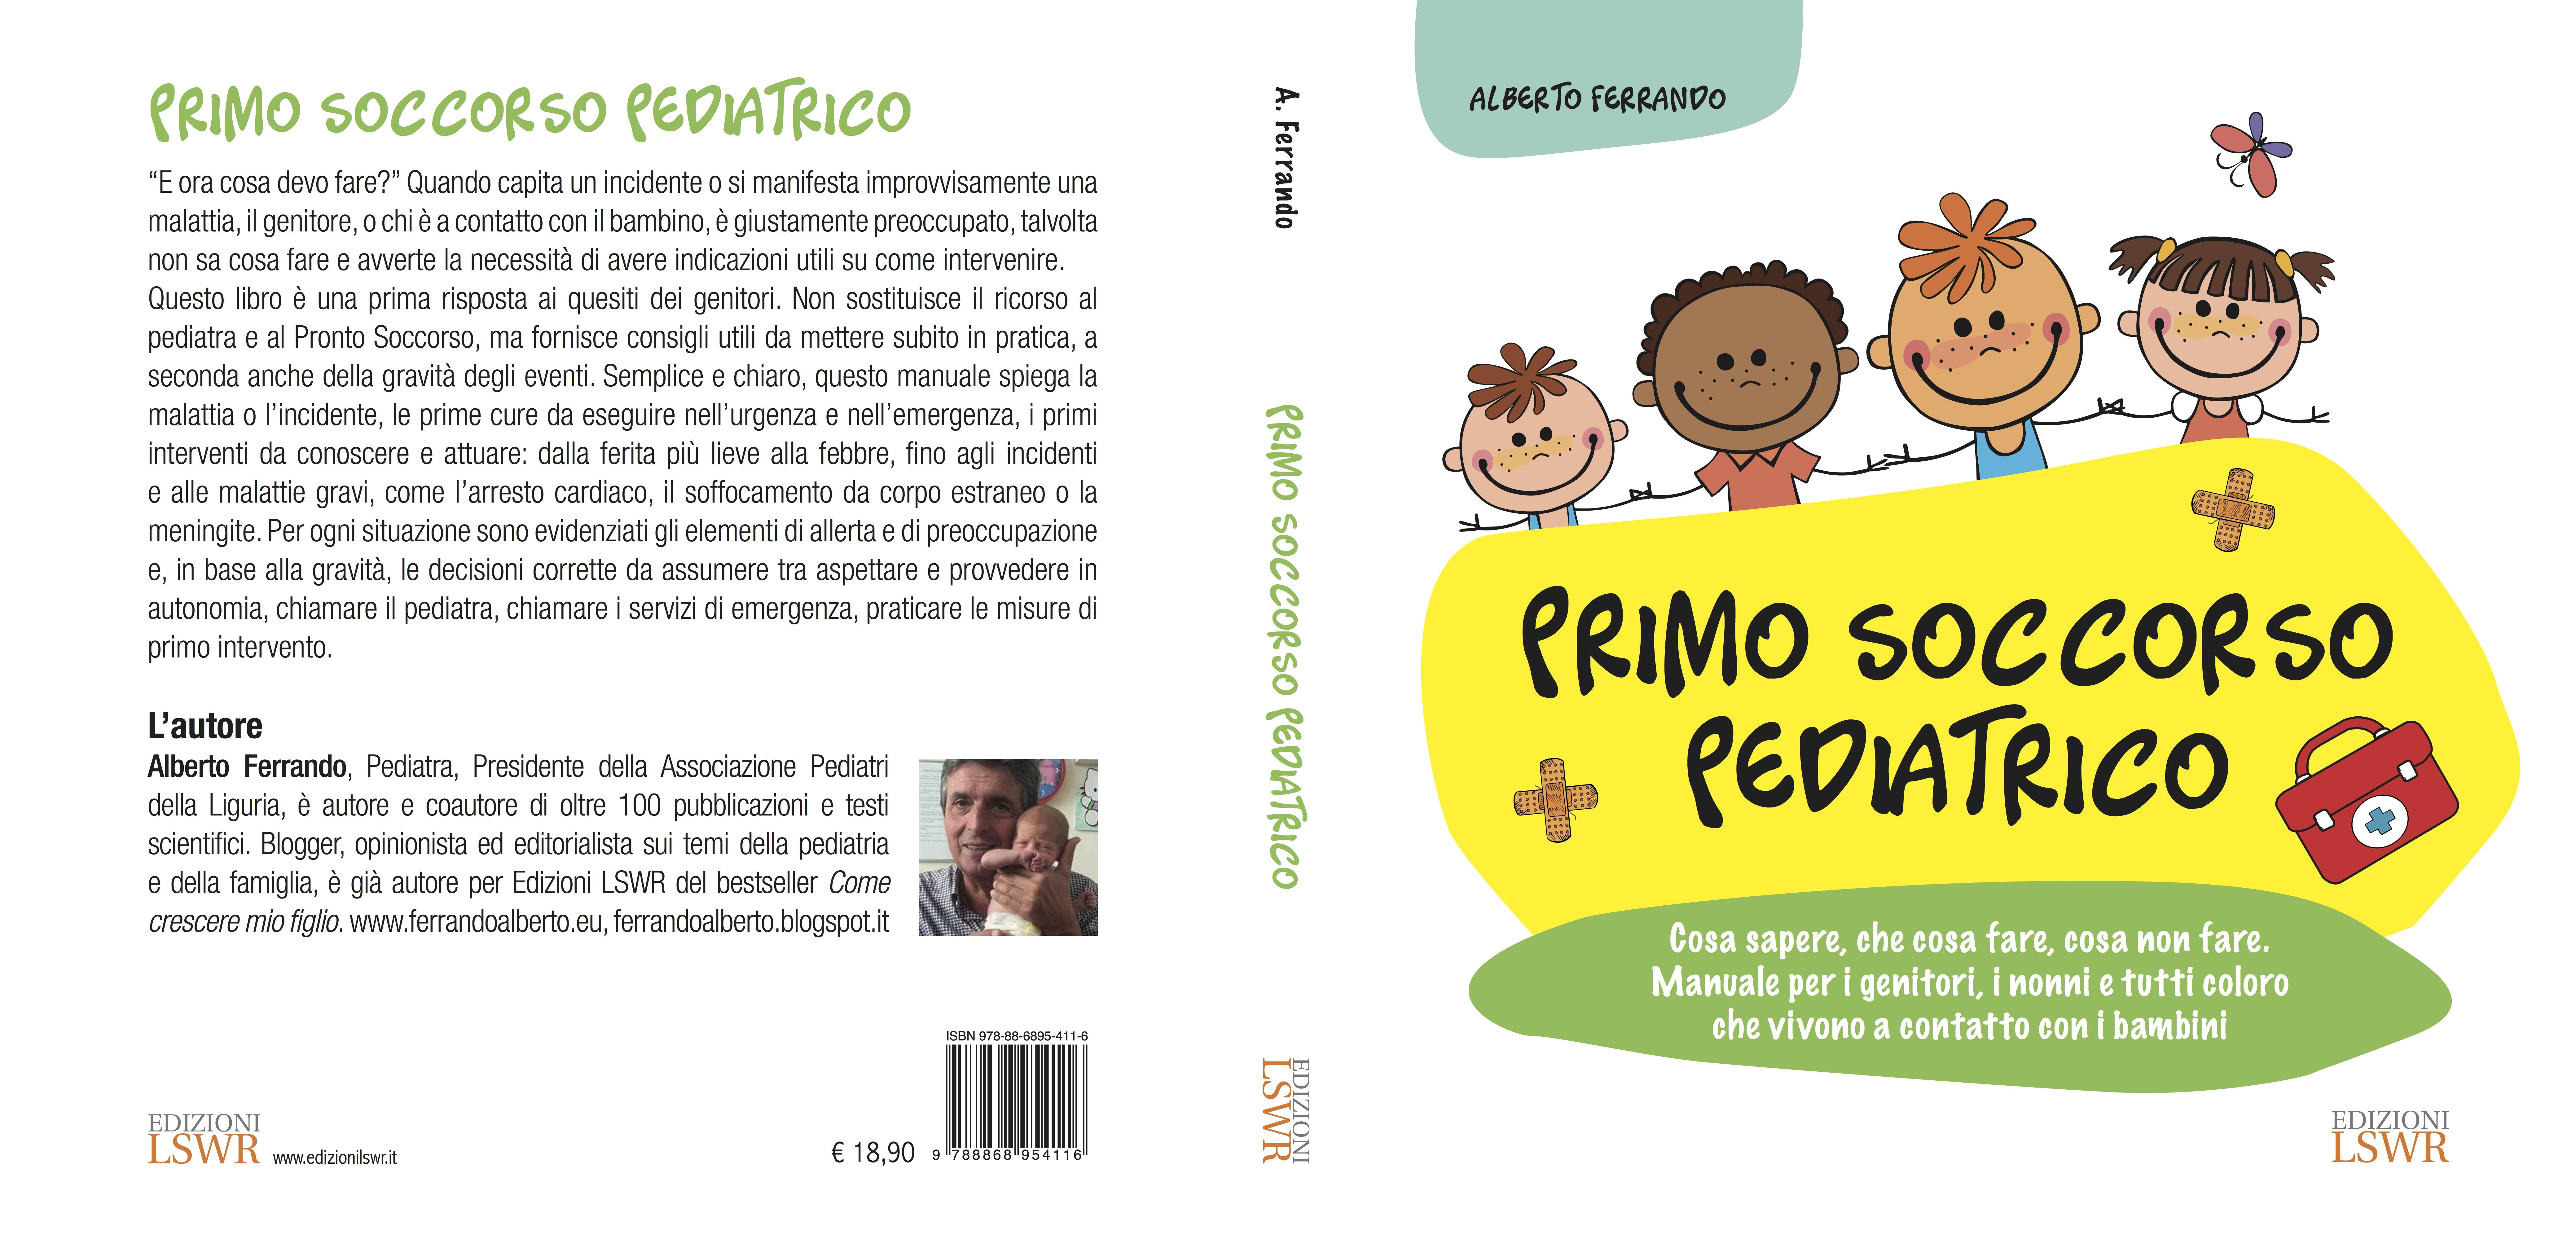 Libro di Alberto Ferrando